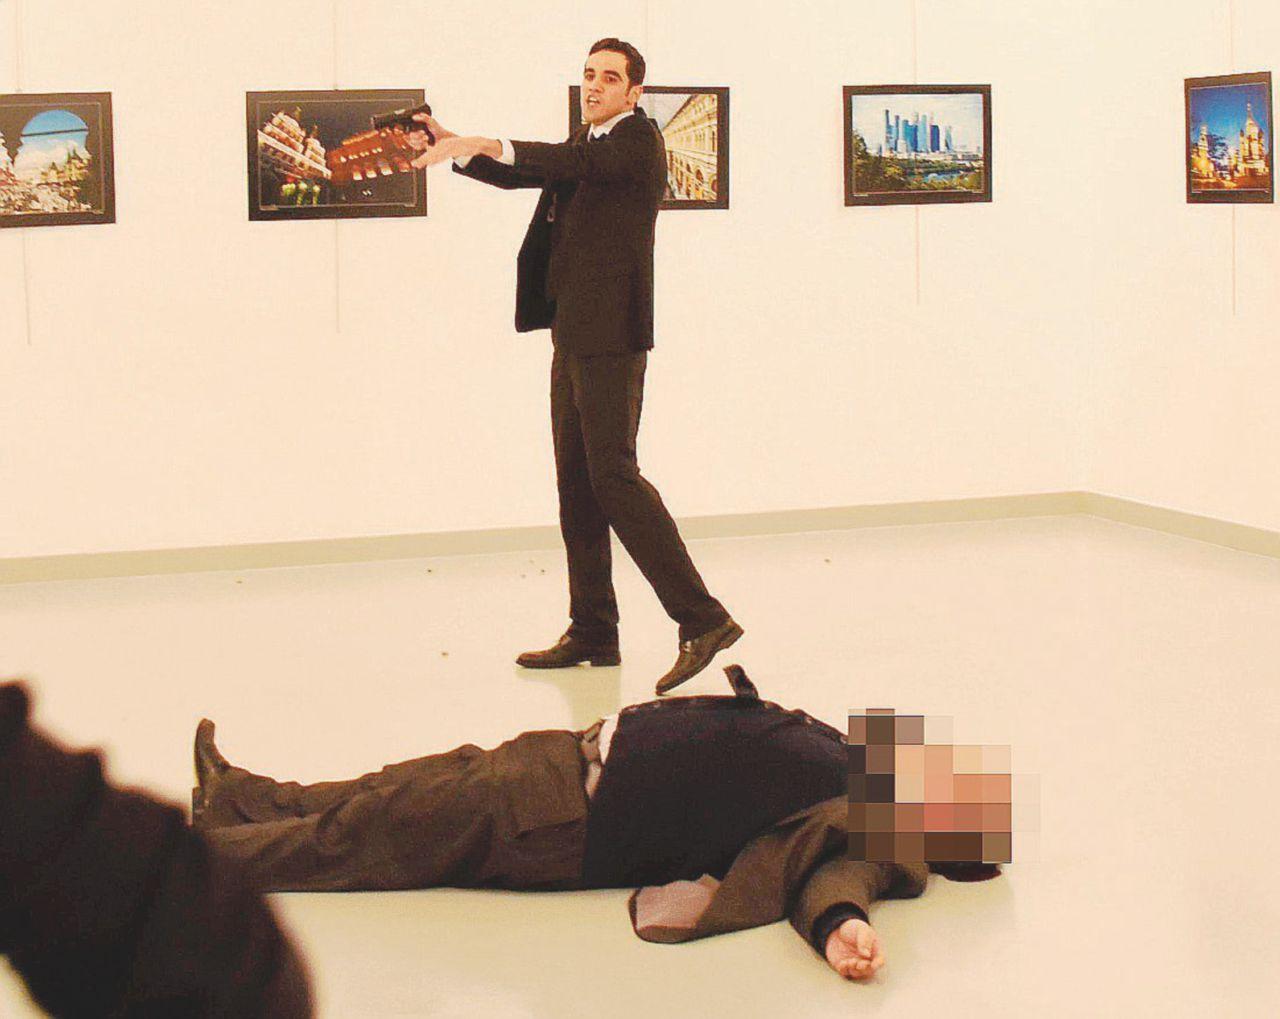 Il poliziotto killer e la saga del complotto marca Gülen